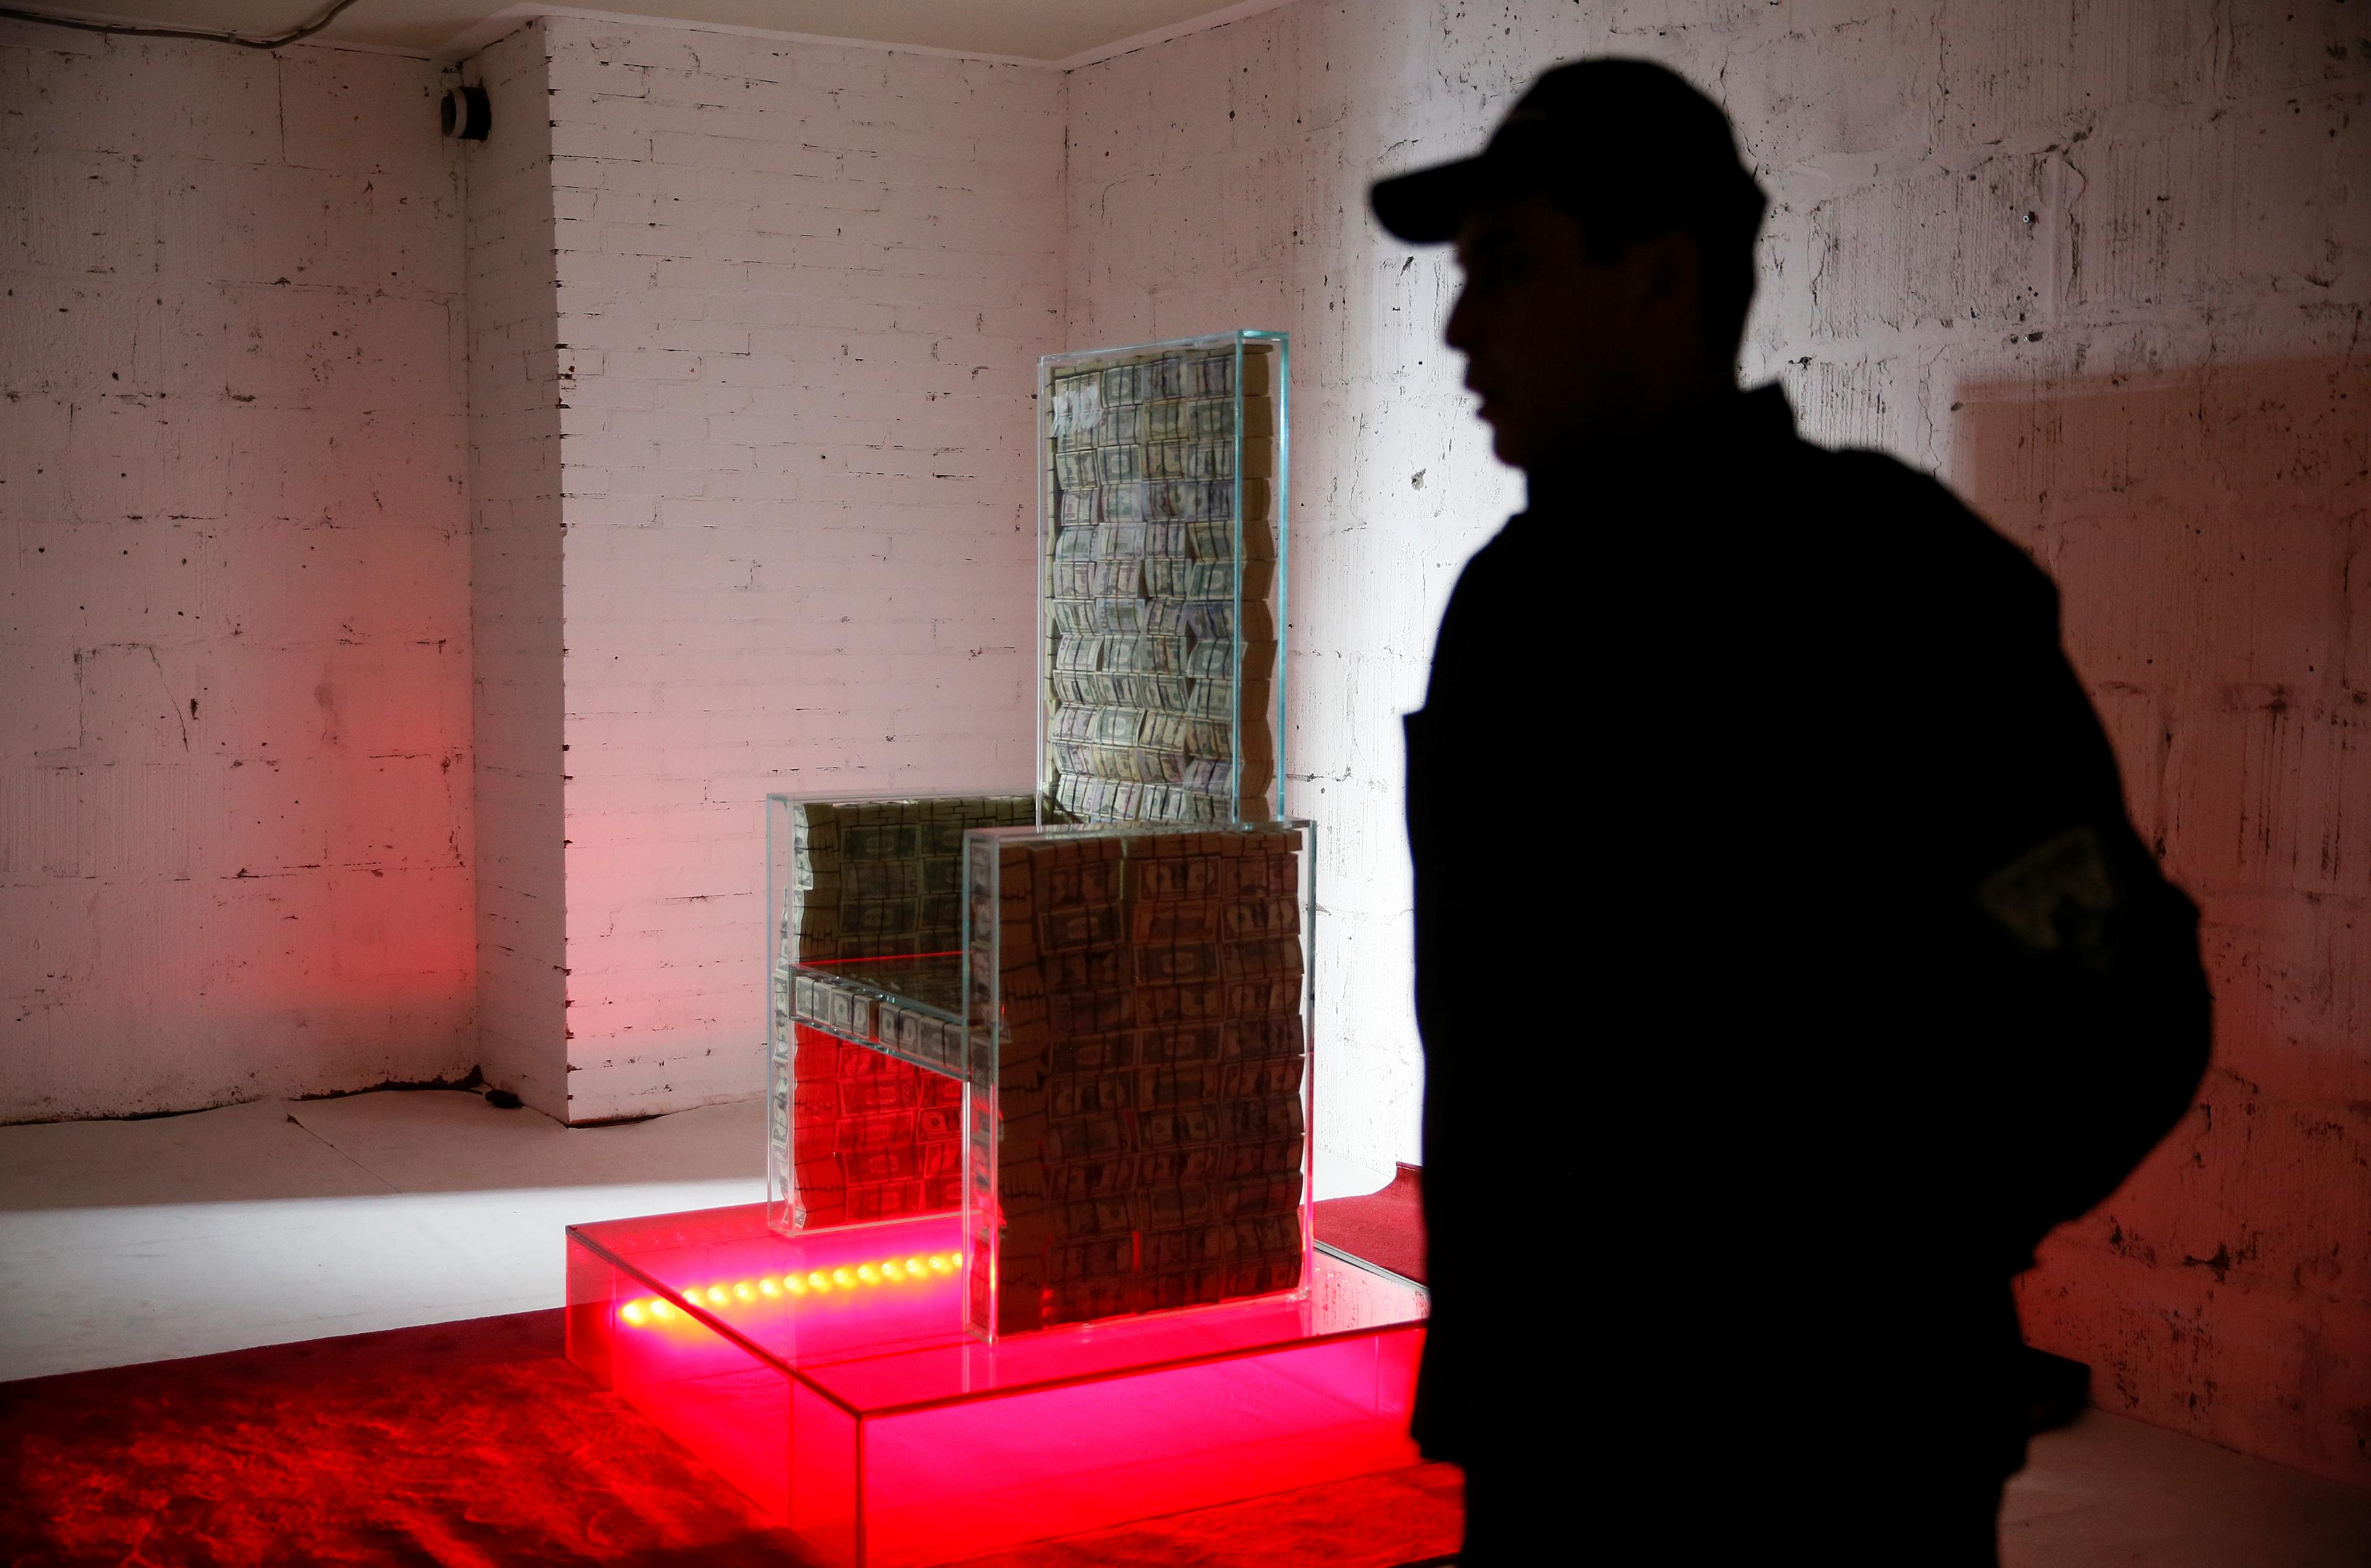 يبلغ وزن الكرسي نحو نصف طن إذ صنع الهيكل من زجاج مقاوم للرصاص